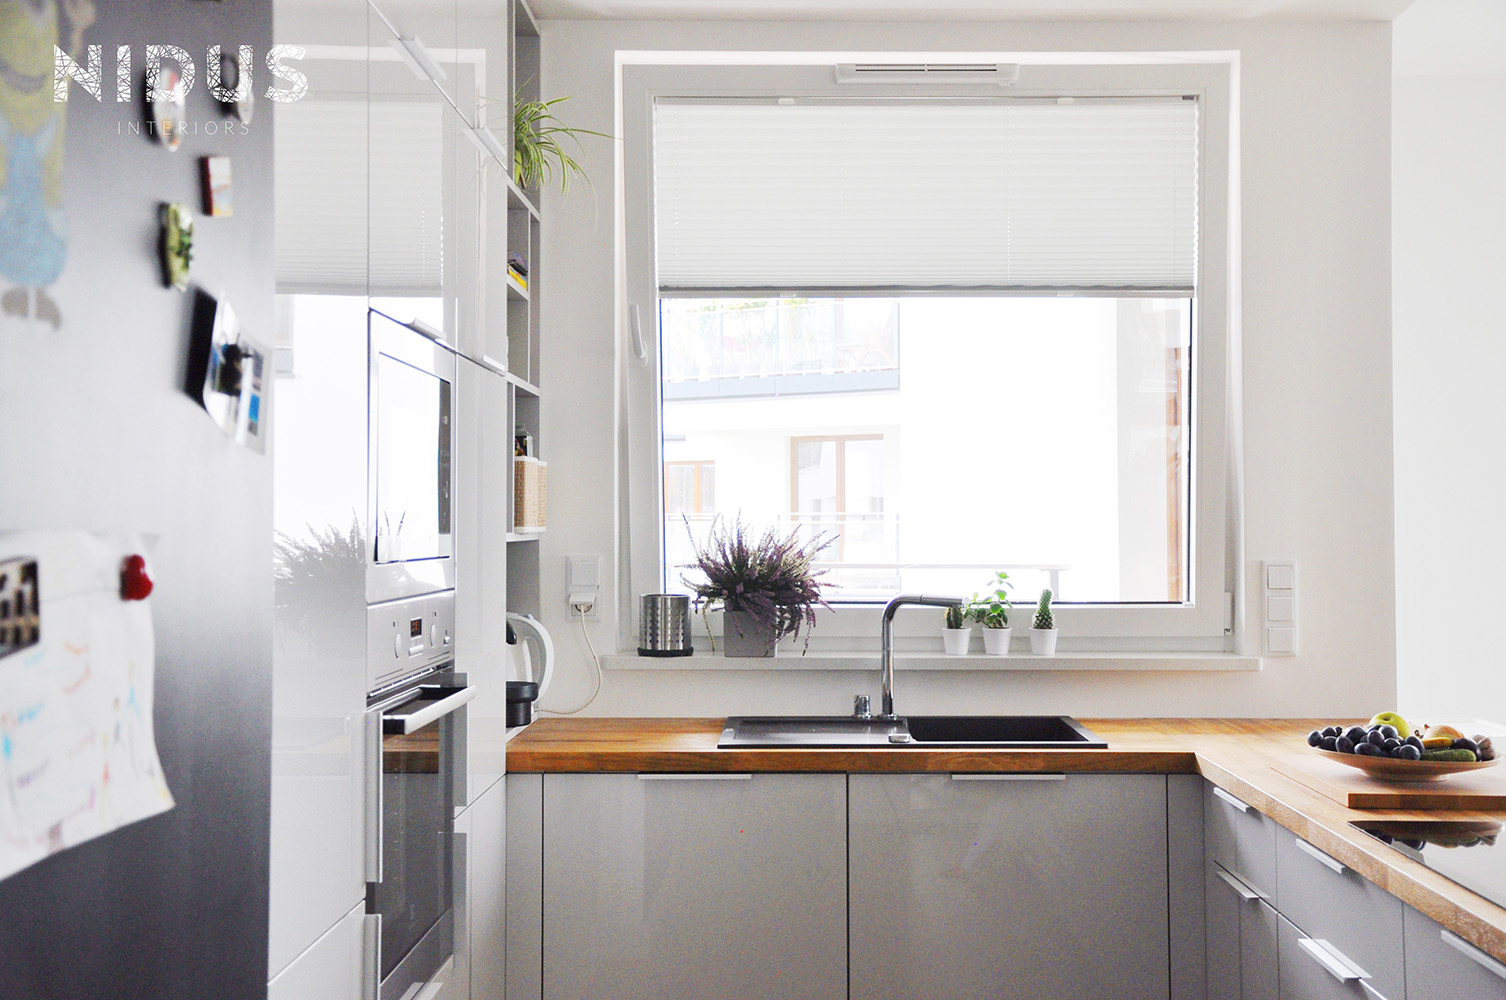 Kuchnia z szarymi frontami i drewnianym blatem otwarta na salon